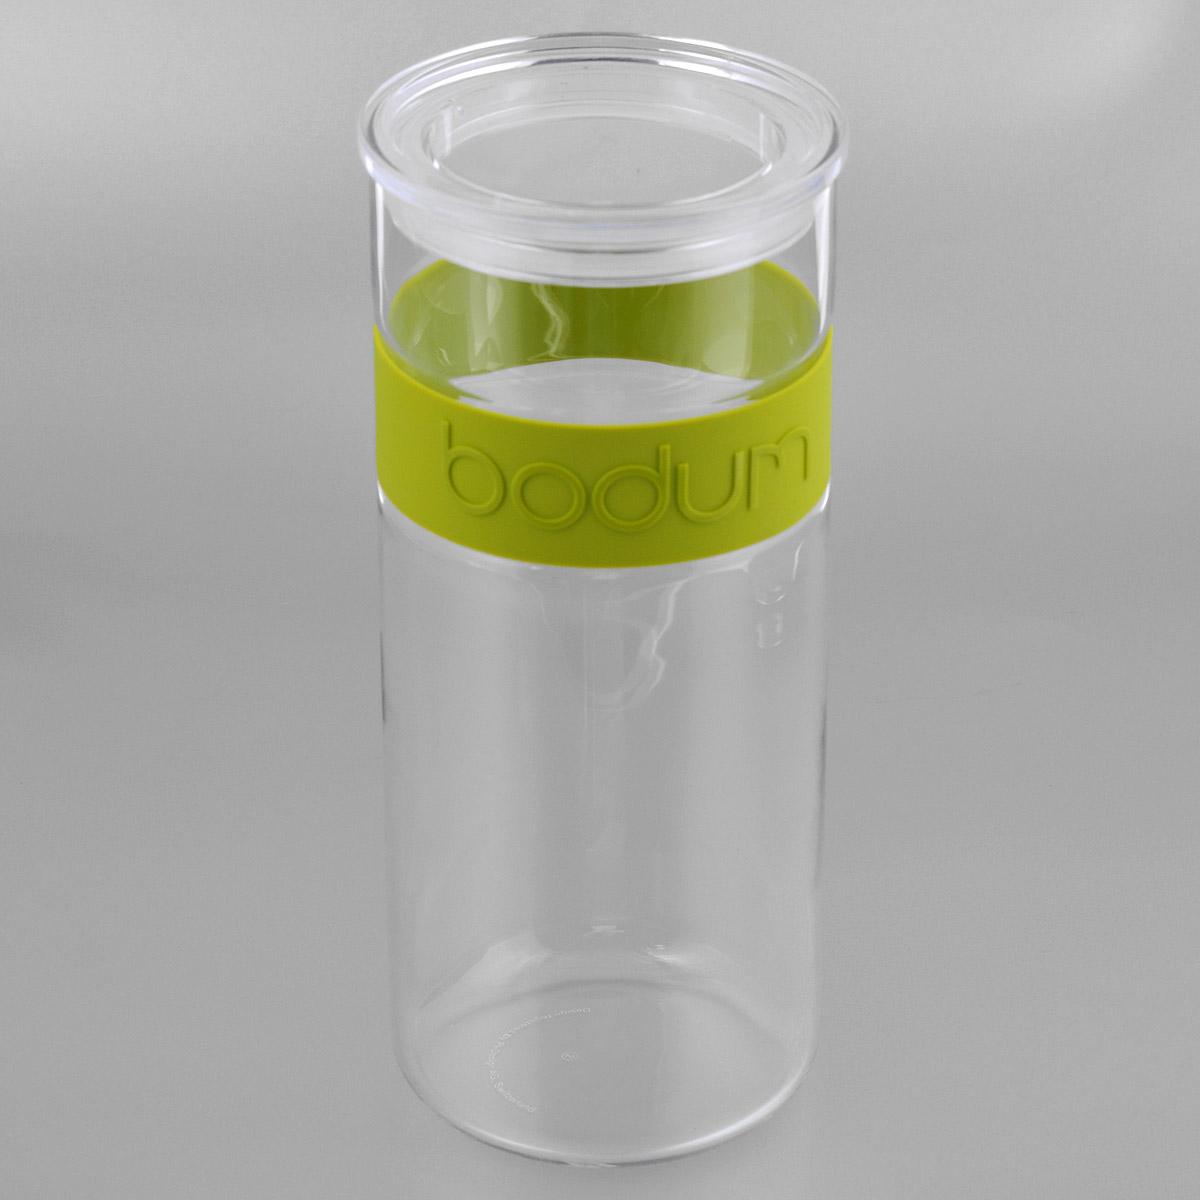 Банка для хранения Bodum Presso, цвет: зеленый, 2,5 л11131-Банка для хранения Bodum Presso изготовлена из прозрачного стекла со вставкой из приятного на ощупь силикона. Стеклянная посуда не впитывает запахов продуктов и очень удобна в использовании. Банка оснащена плотно закрывающейся пластиковой крышкой с термоусадкой. Благодаря этому внутри сохраняется герметичность, и продукты дольше остаются свежими. Изделие предназначено для хранения различных сыпучих продуктов: круп, чая, сахара, орехов и многого другого. Функциональная и вместительная, такая банка станет незаменимым аксессуаром на любой кухне. Можно мыть в посудомоечной машине. Объем банки: 2,5 л.Диаметр банки (по верхнему краю): 11,5 см.Высота банки: 28 см.